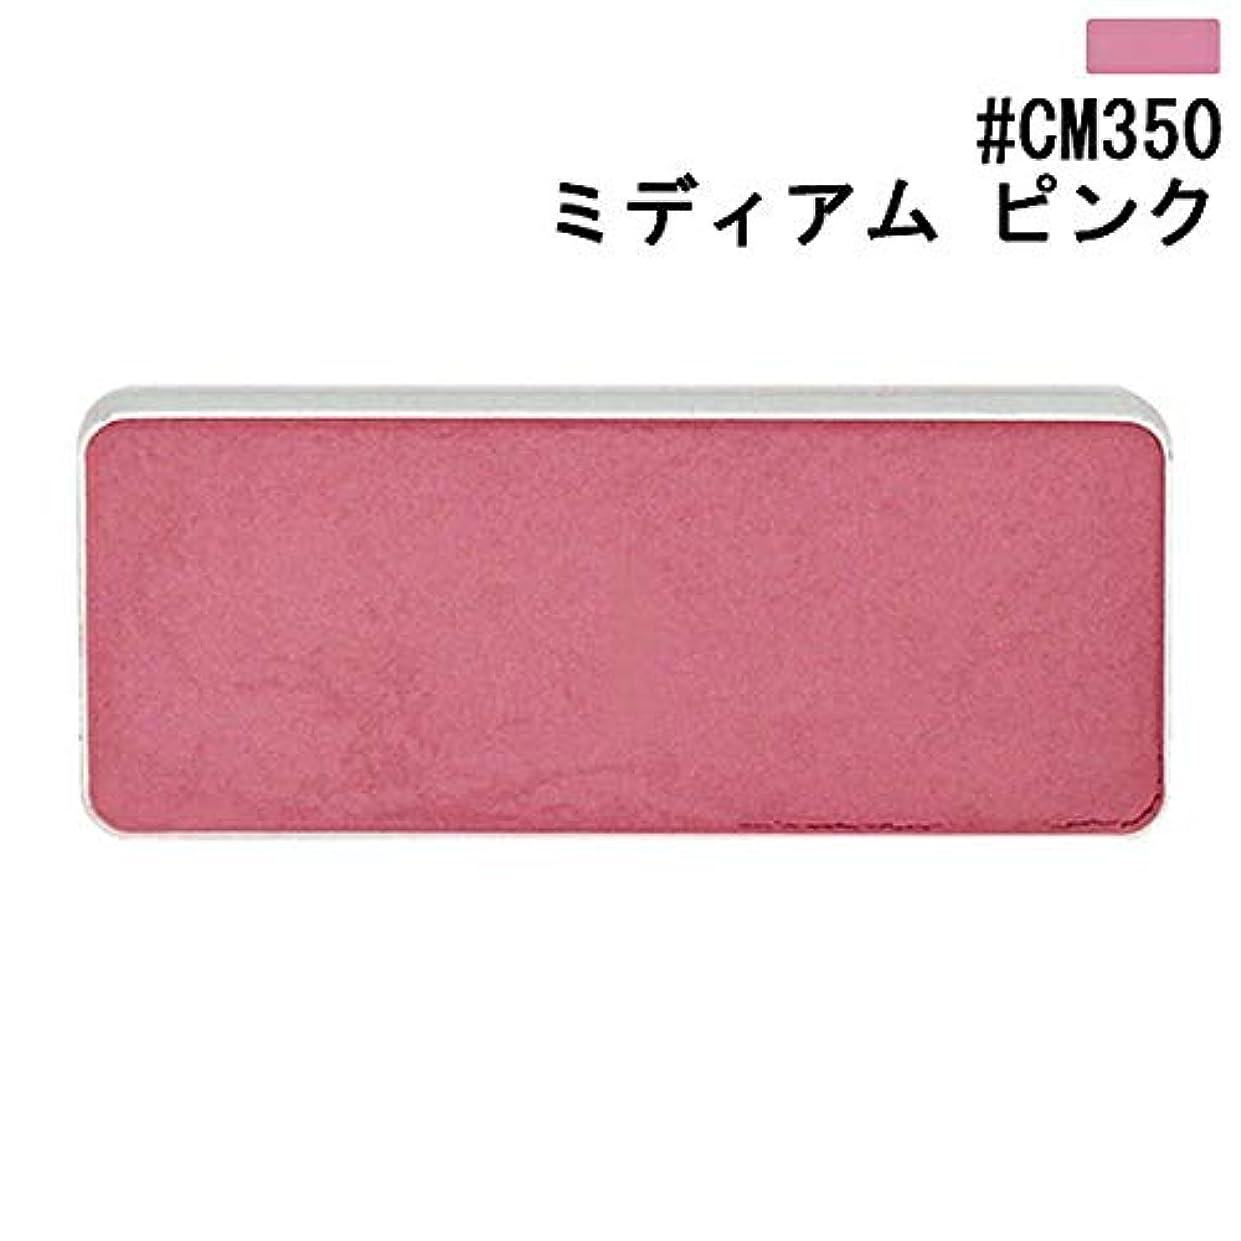 包囲肘そこから【シュウ ウエムラ】グローオン レフィル #CM350 ミディアム ピンク 4g [並行輸入品]